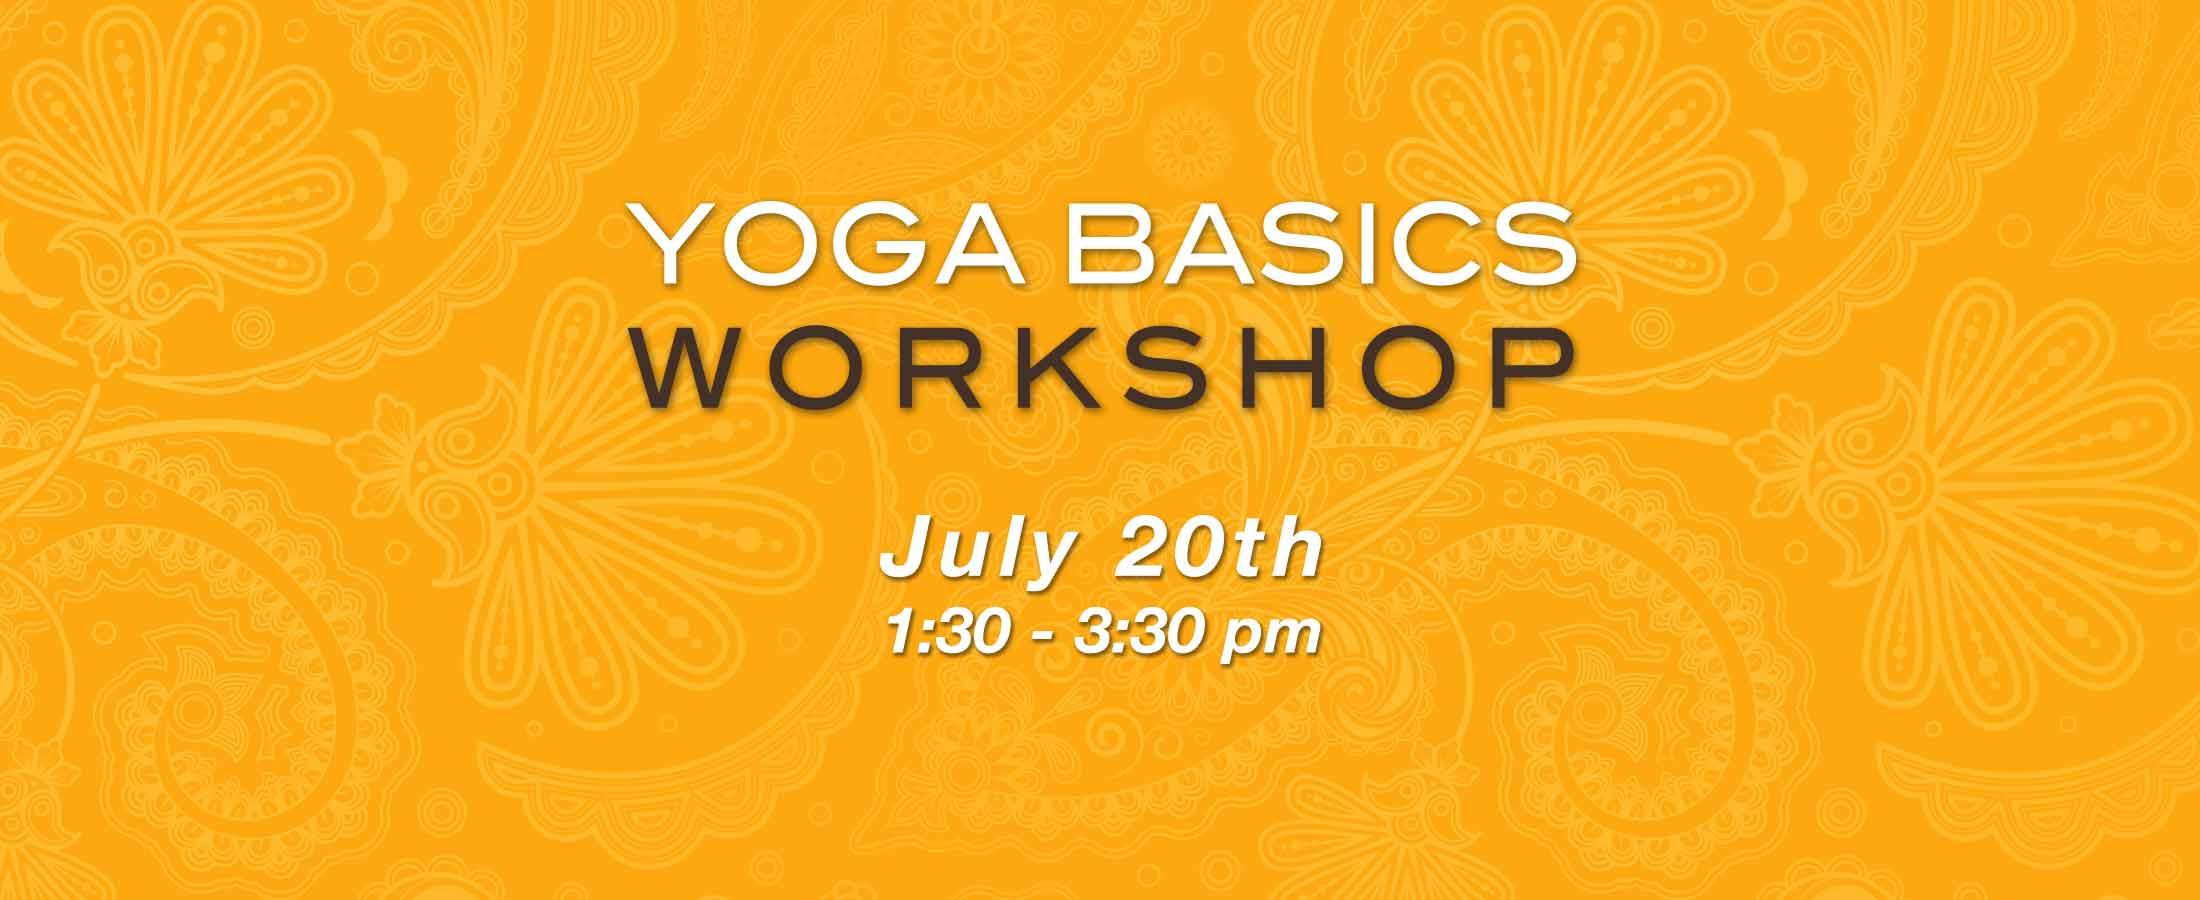 yoga basics workshop hot yoga markham